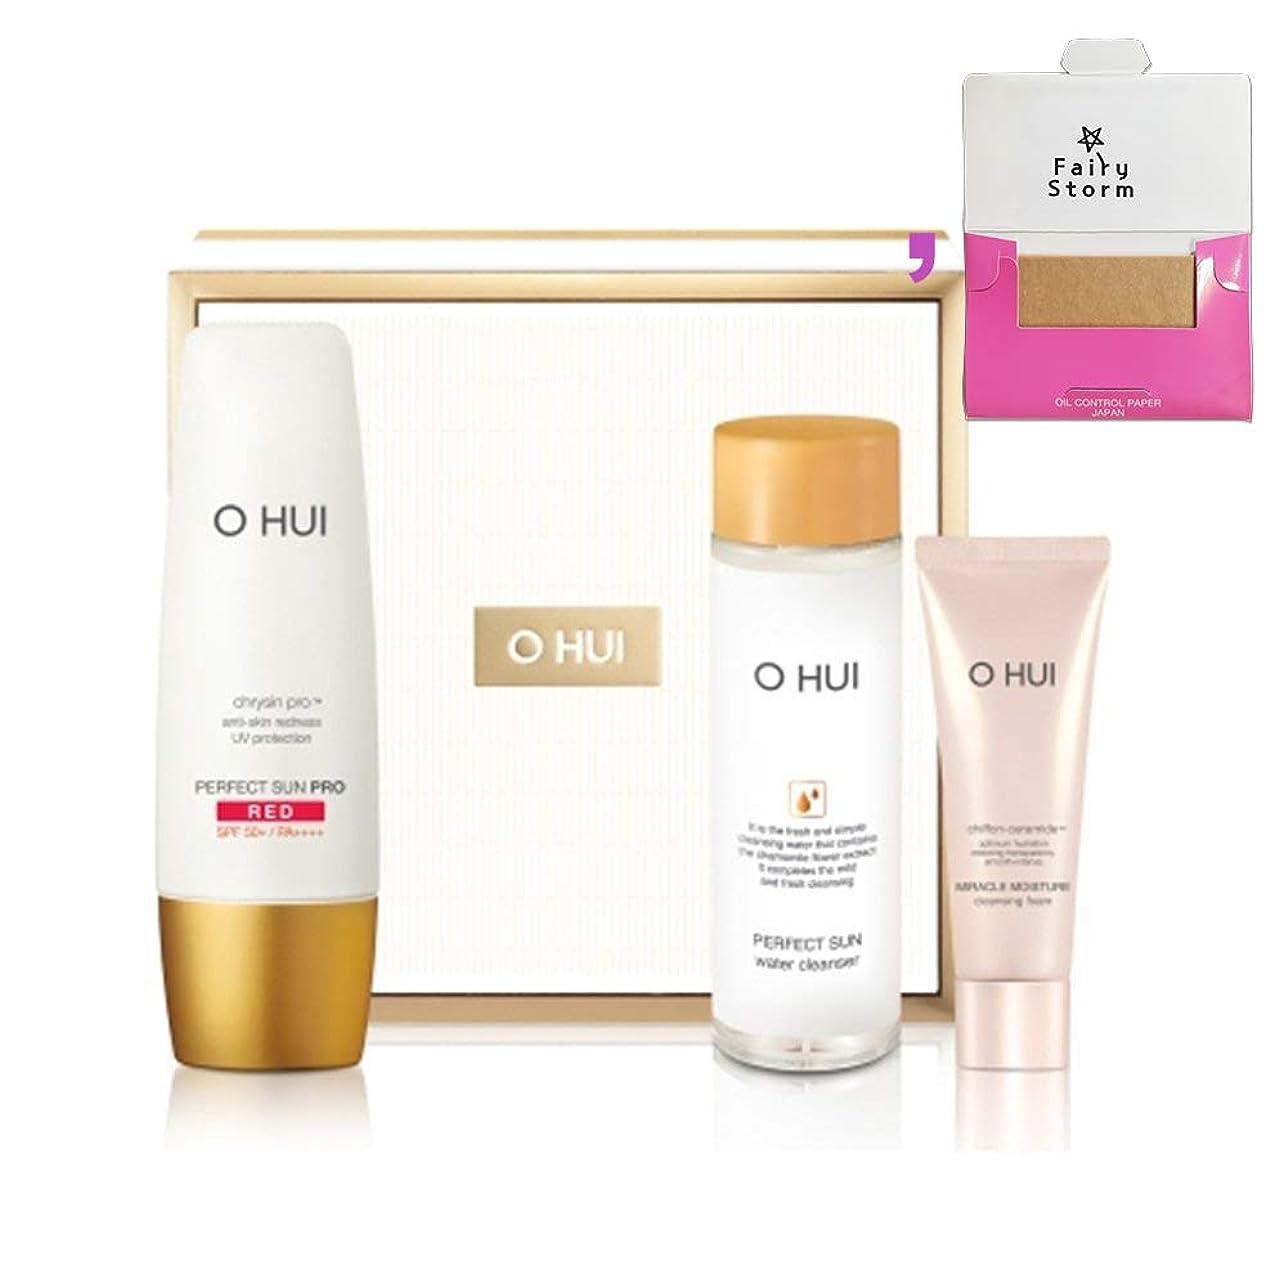 市の花小包検証[オフィ/O HUI]韓国化粧品 LG生活健康/OHUI PERFECT SUN Pro RED Special Set/O HUI パーフェクト サン プロ レッド 企画 17感謝 (SPF50+/PA+++) 50ml スペシャルセット +[Sample Gift](海外直送品)